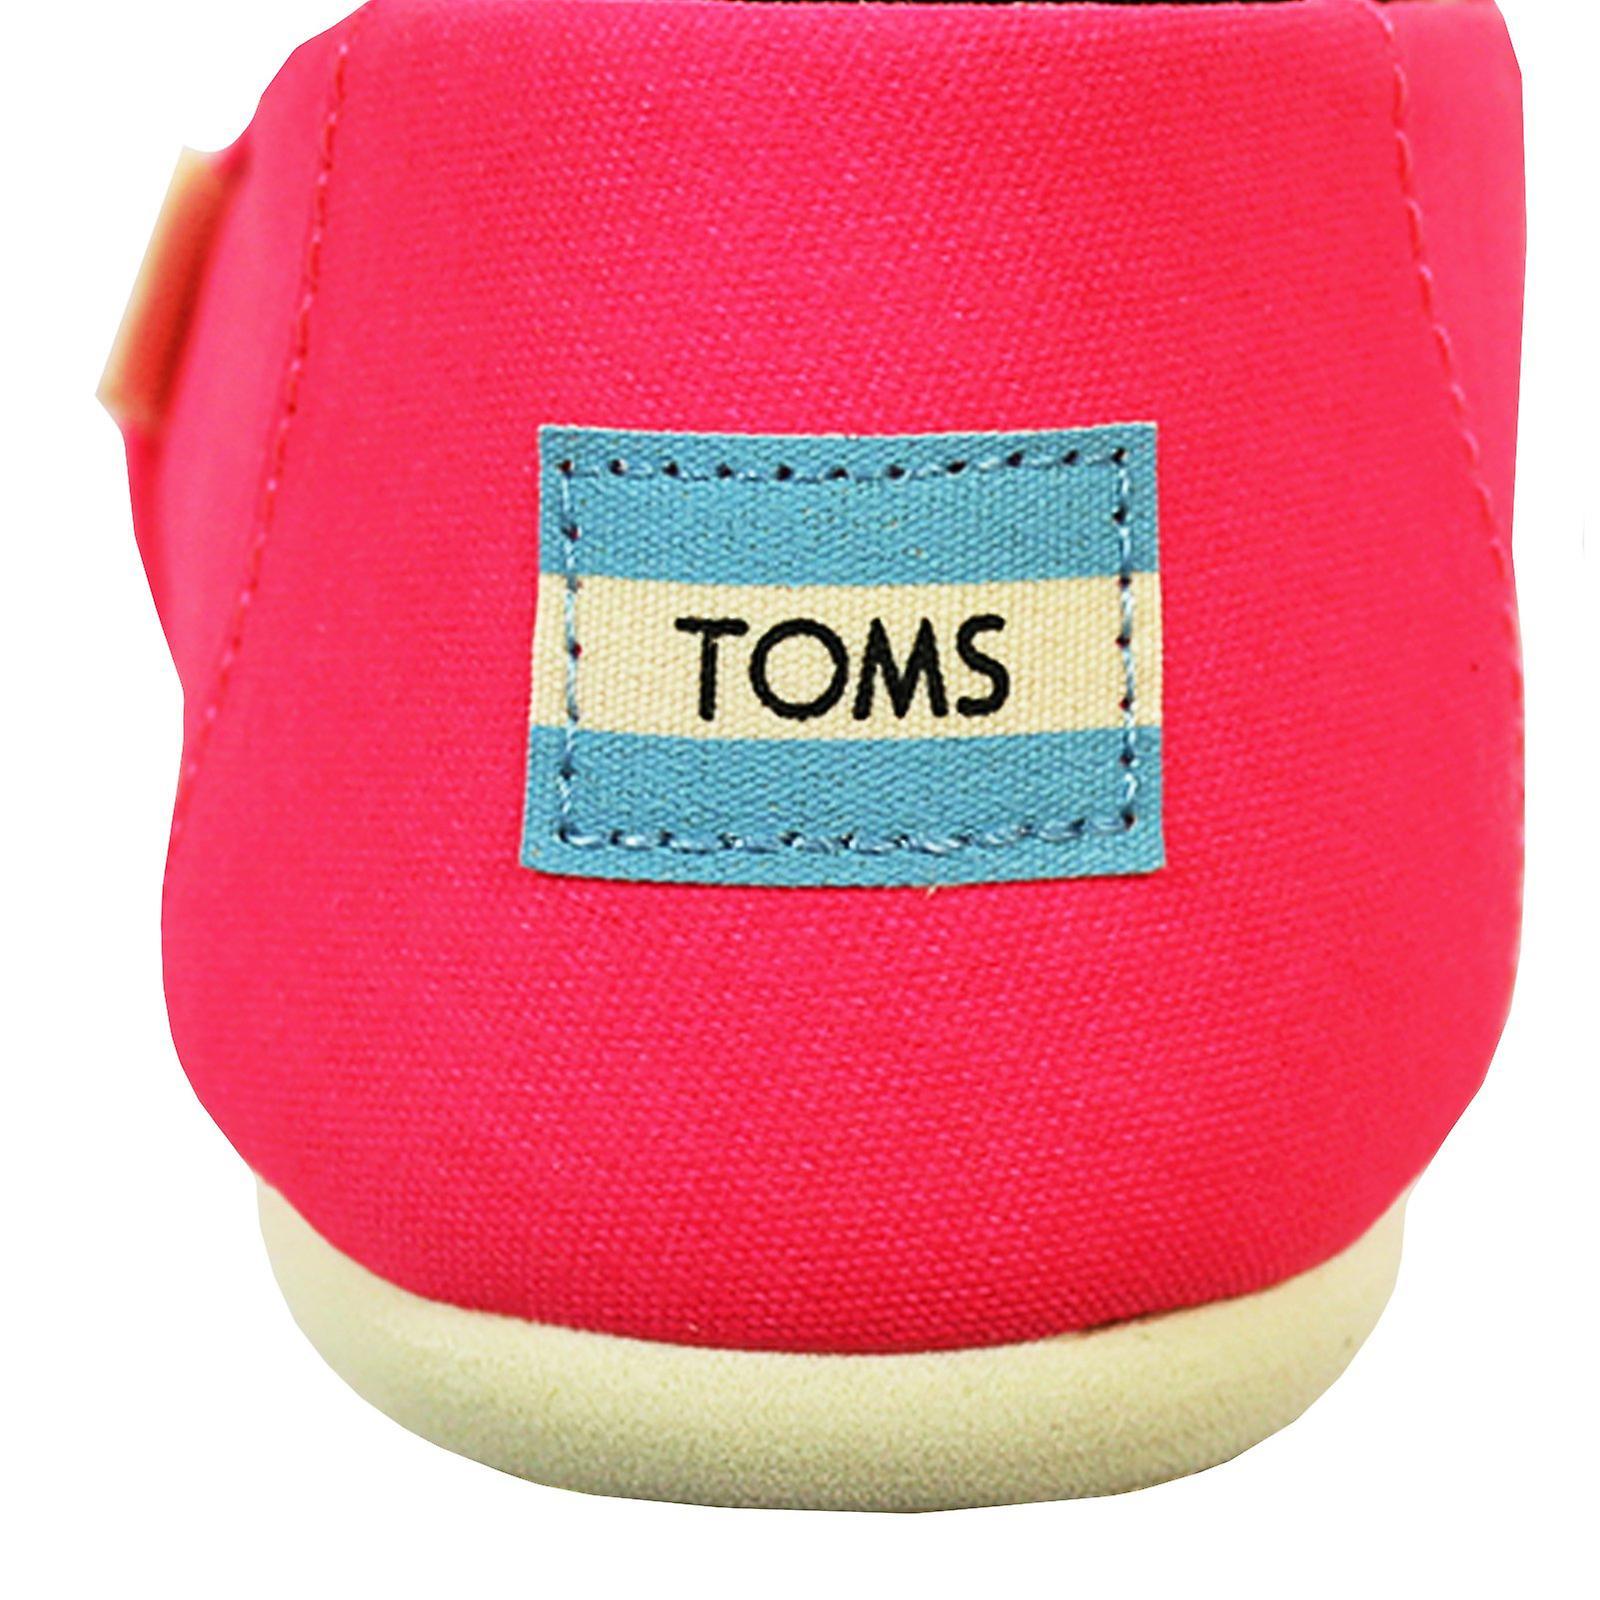 Toms women's neon roze klassieke levendige canvas schoenen Yeggzh